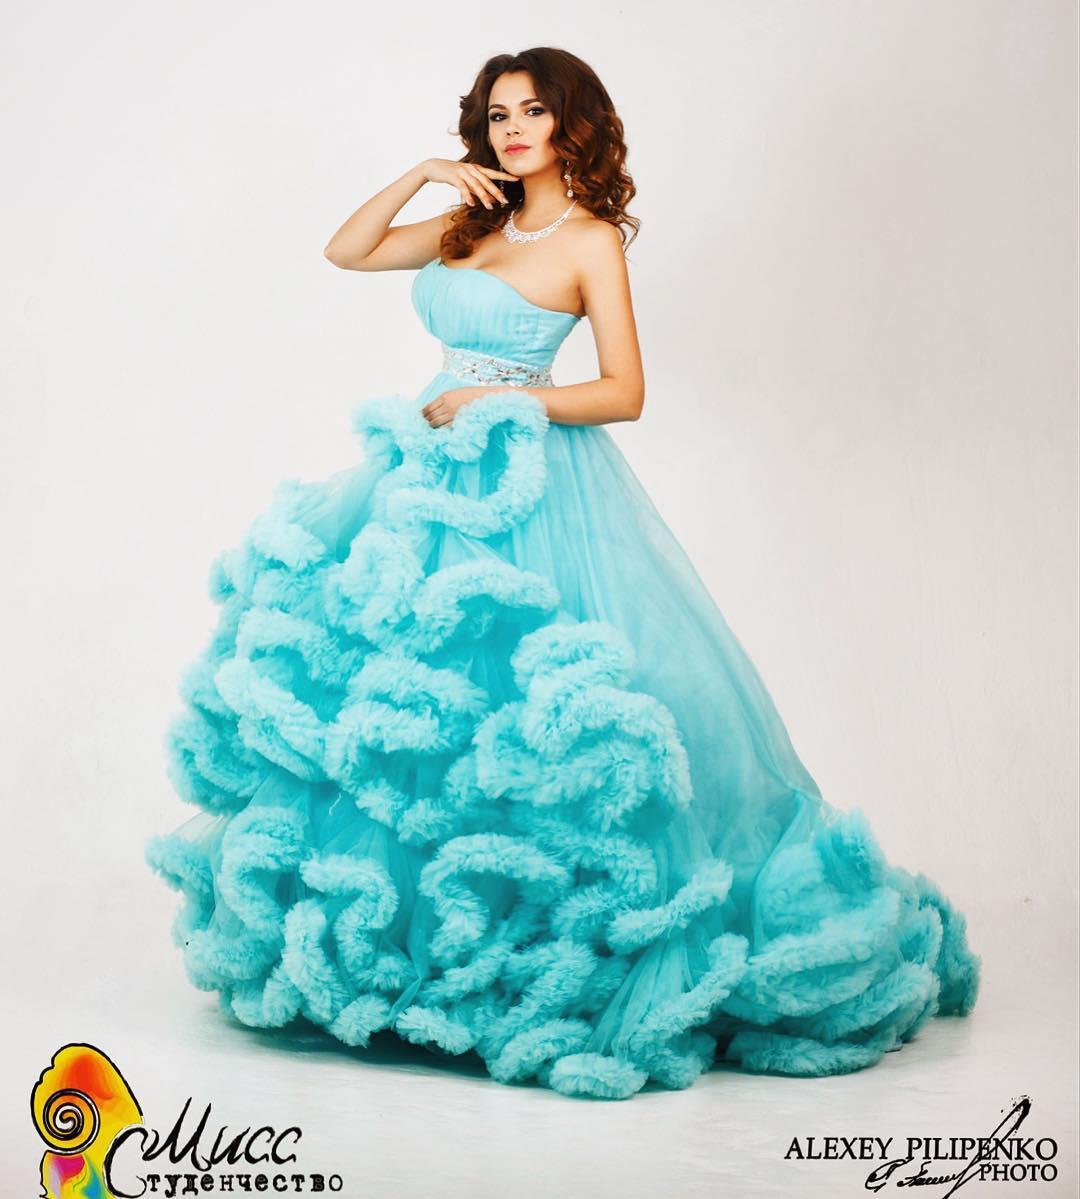 Фотосессия Дианы Мухановой перед конкурсом «Мисс Студенчество»